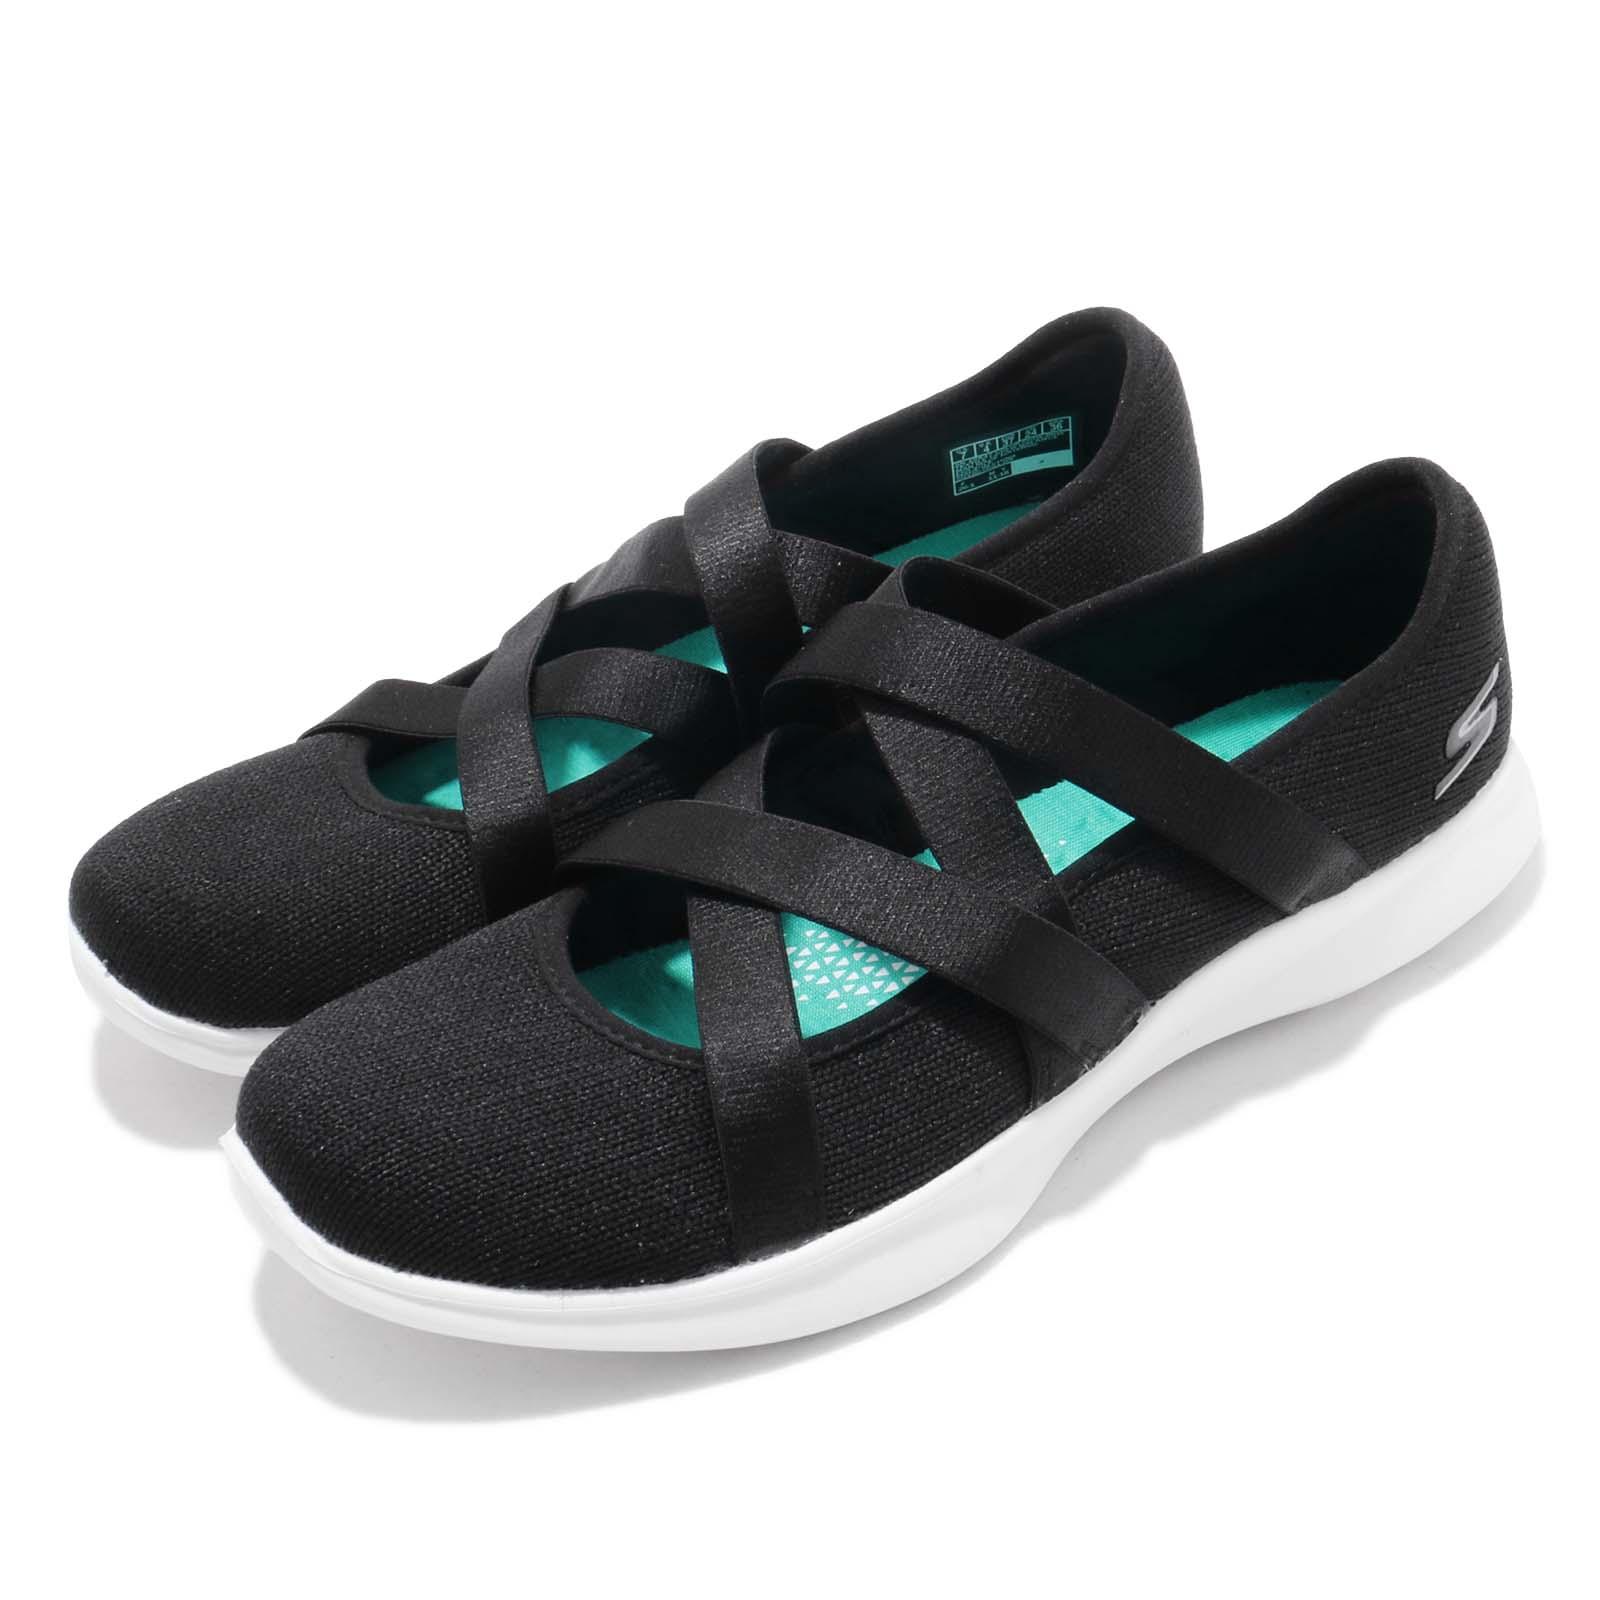 Skechers 健走鞋 Serene-Elation 女鞋 15847BKW